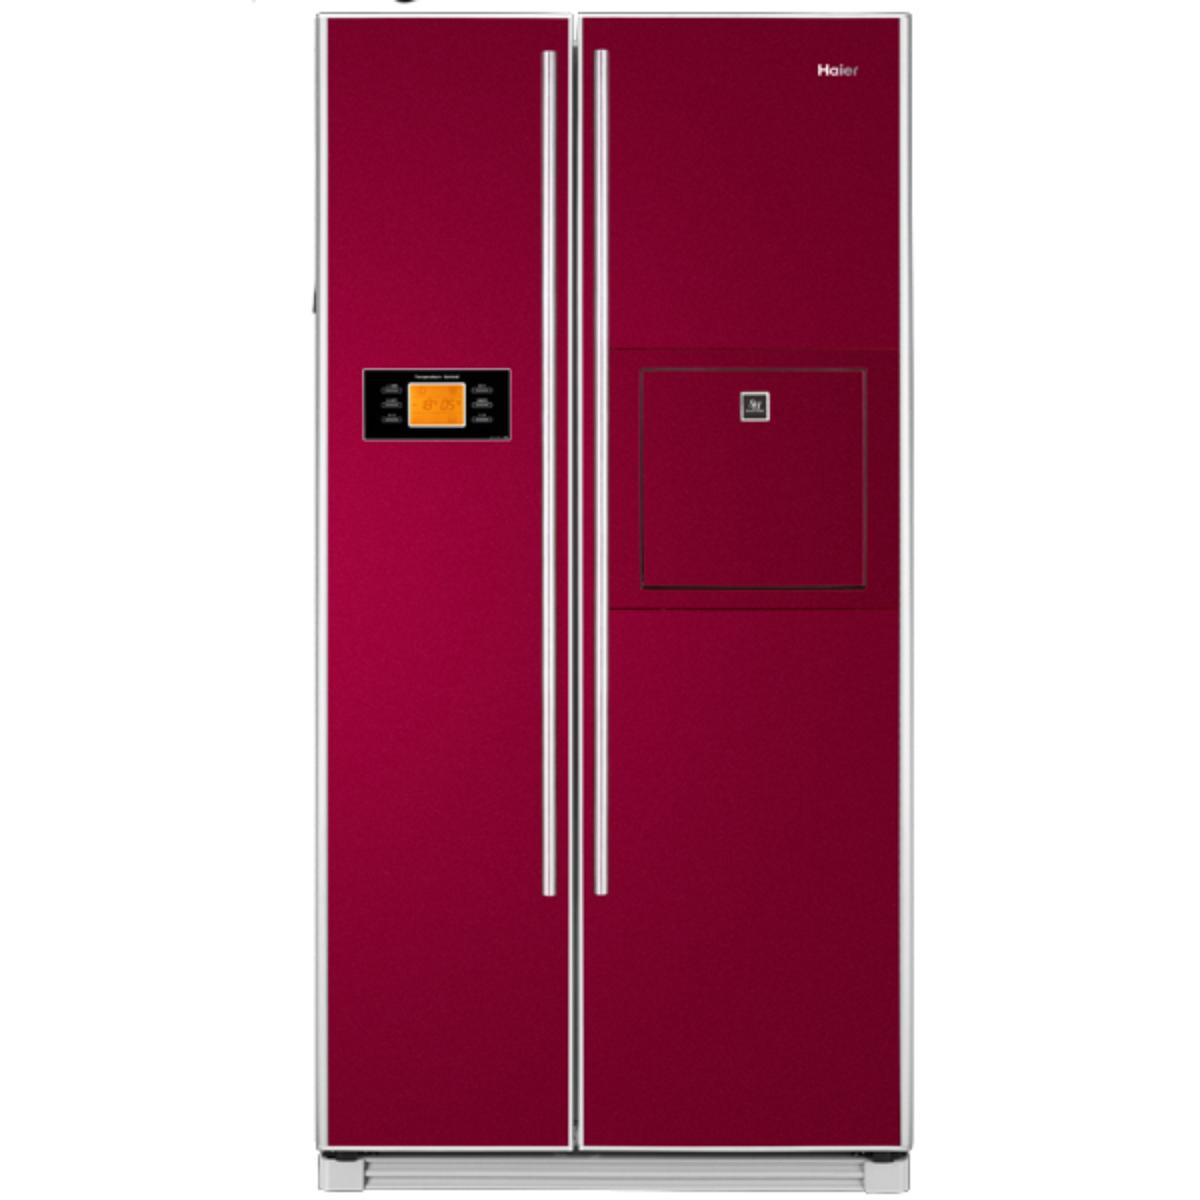 海尔单开门冰箱怎样 海尔单开门冰箱